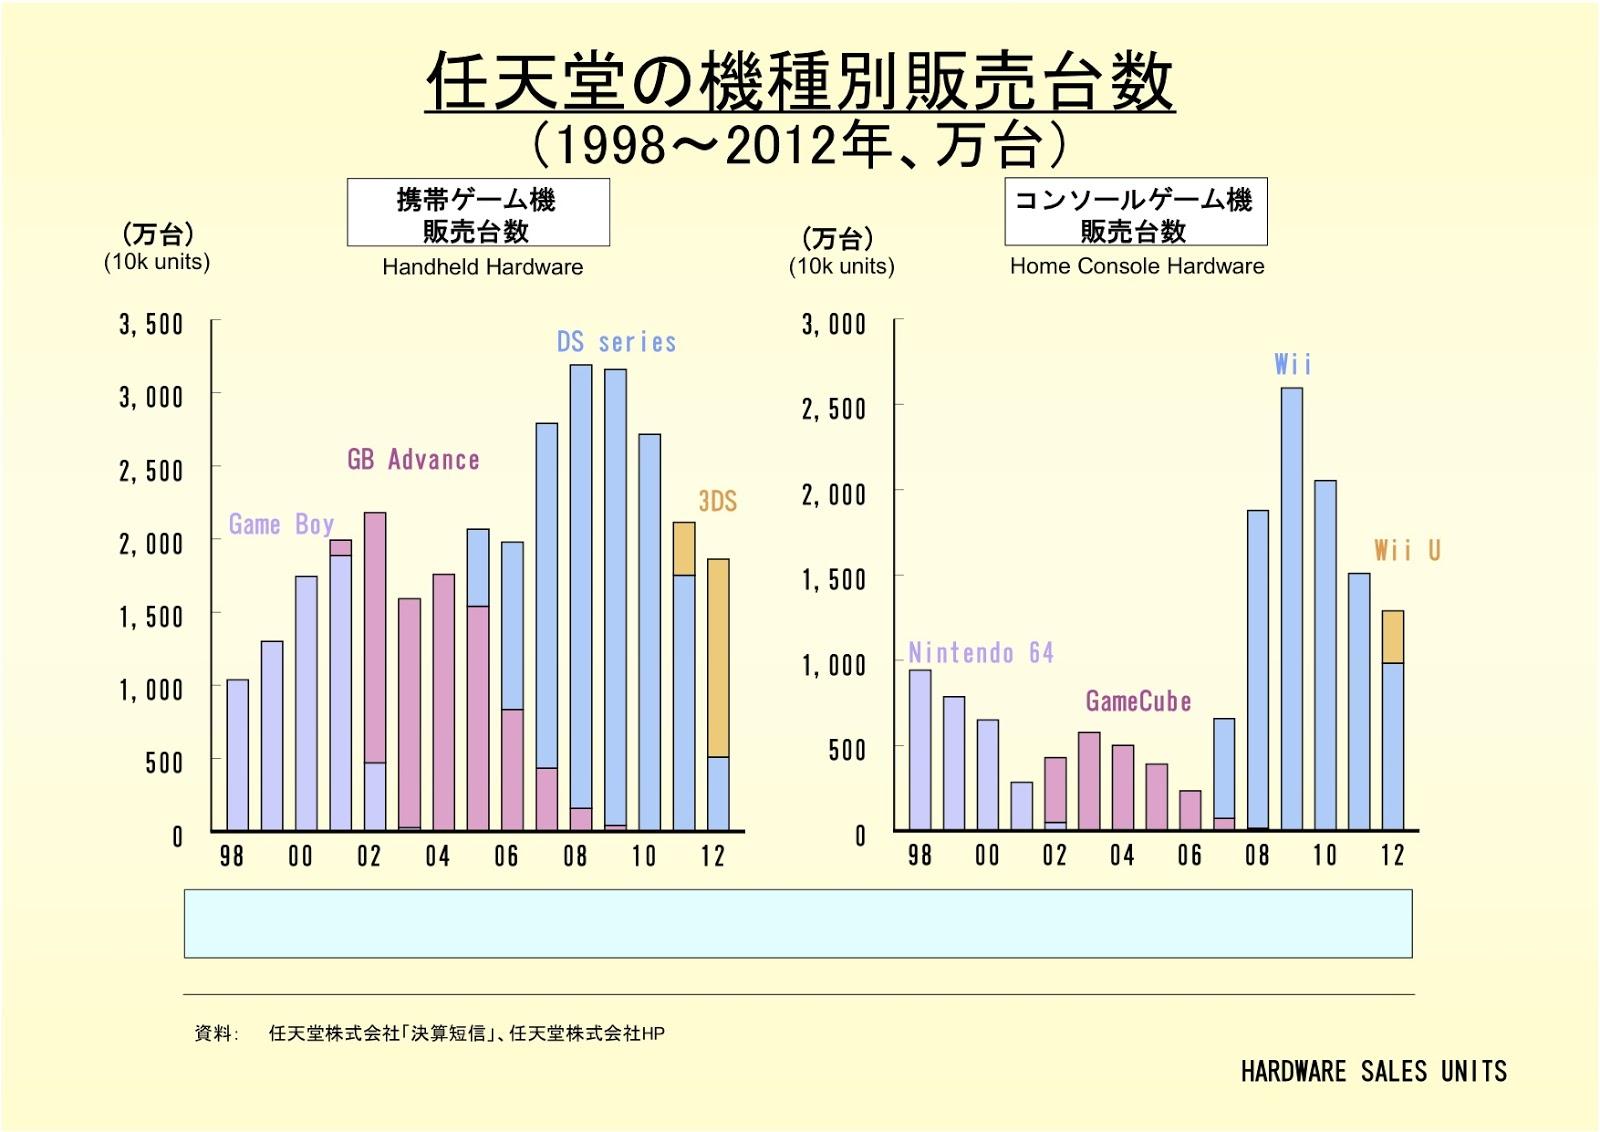 任天堂株式会社の機種別販売台数